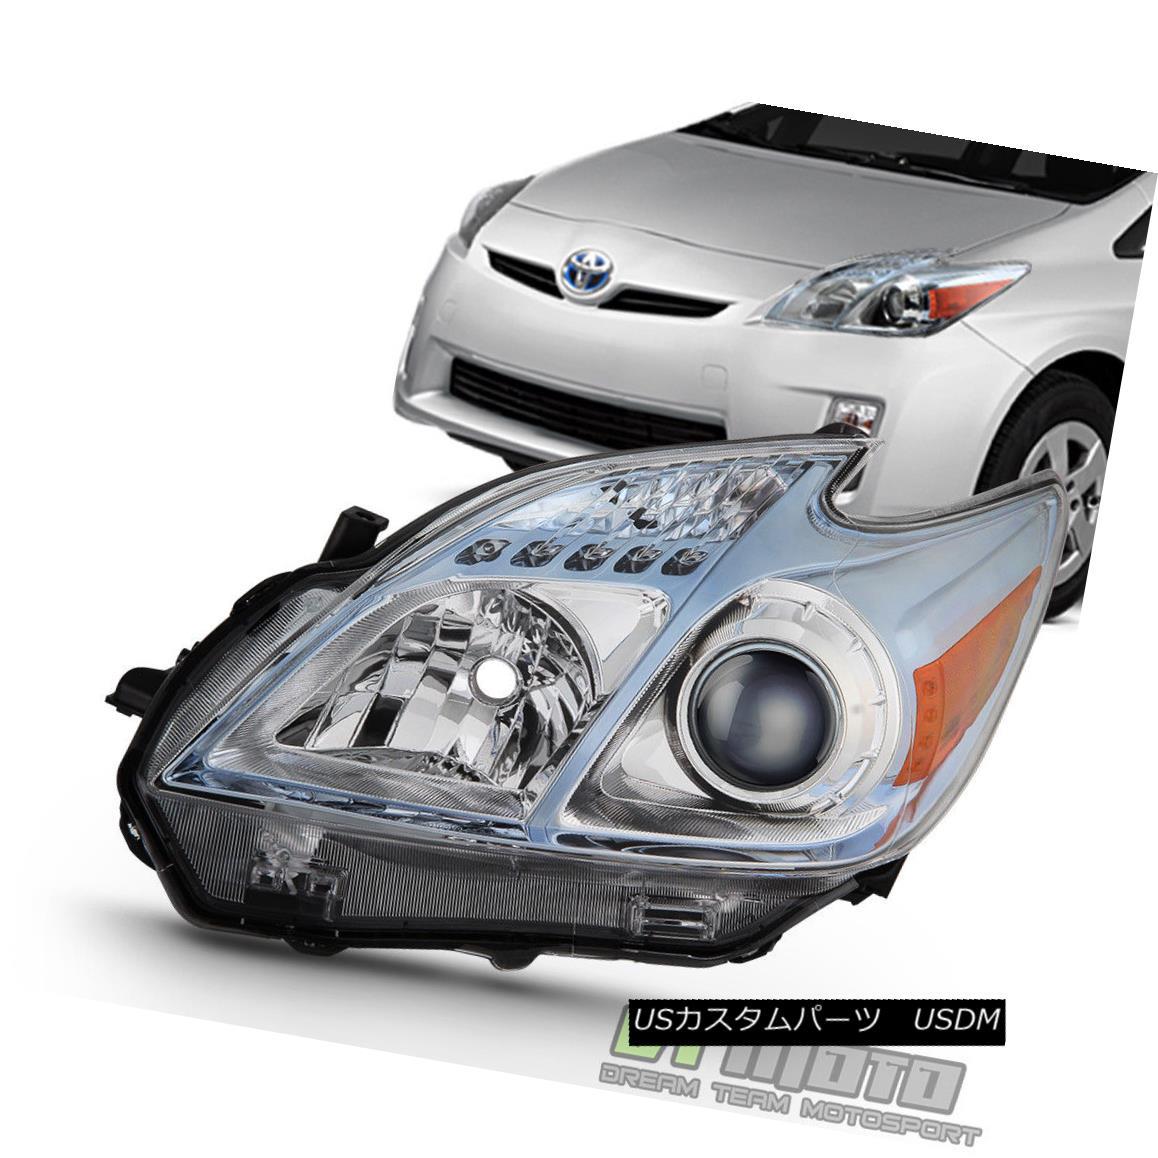 ヘッドライト 2010-2011 Toyota Prius Headlight Headlamp Replacement w/Halogen Left Driver Side 2010-2011トヨタプリウスヘッドライトヘッドライト交換、ハロゲン左ドライバーサイド